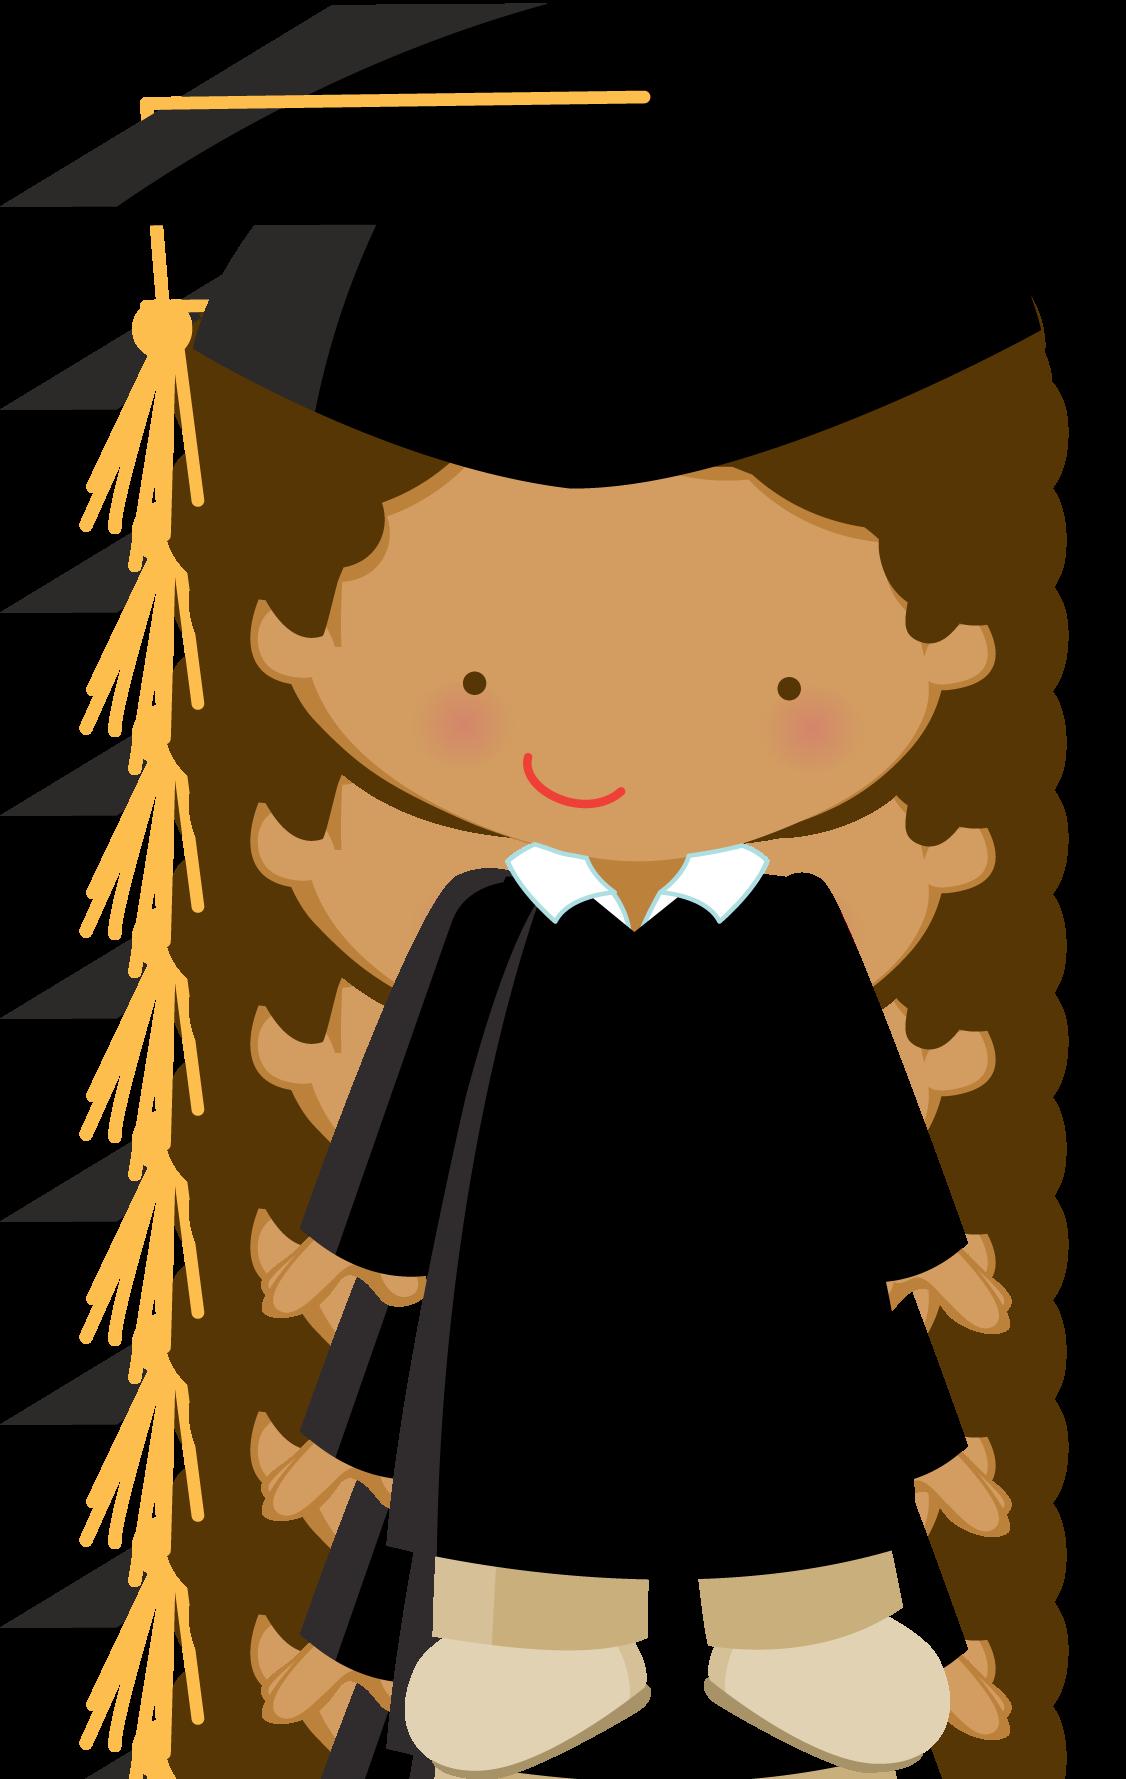 pin by liran s on clipart | pinterest | graduation, kindergarten